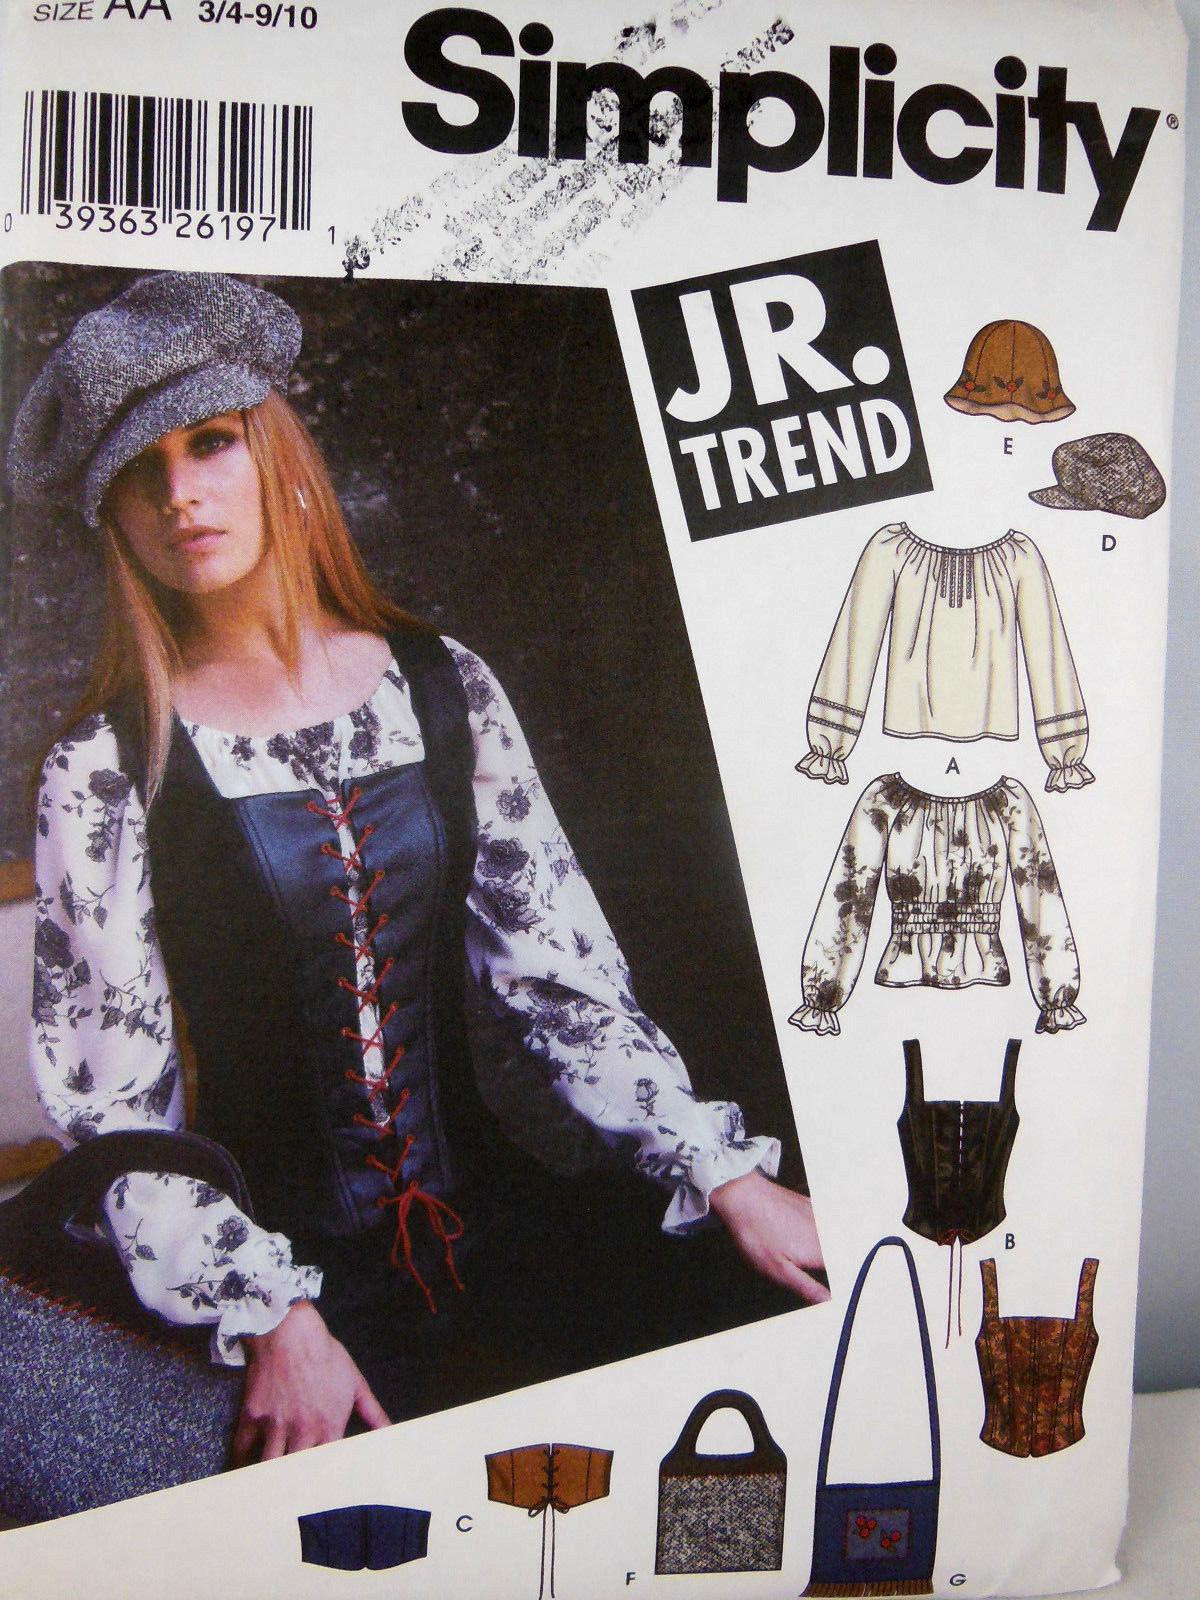 Simplicity 5799 Junior Trend Blouse Corset Vest Hats bags UNCUT Clean Smoke free